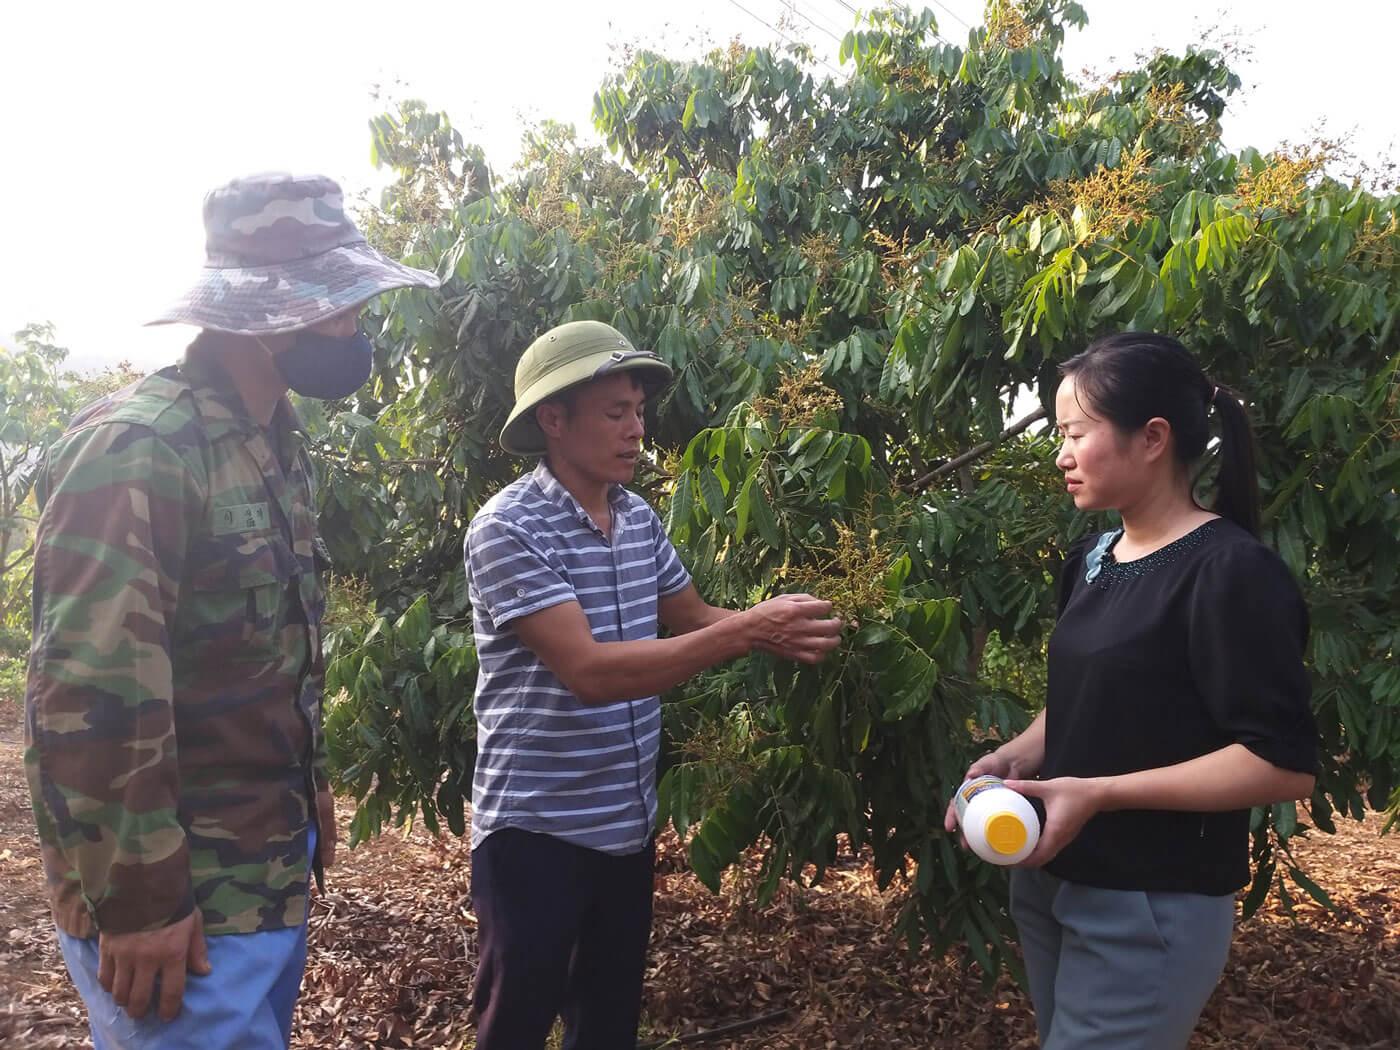 Cán bộ Chi cục Trồng trọt và BVTV tỉnh Sơn La hướng dẫn các thành viên của HTX Phương Nam ở xã Lóng Phiêng, huyện Yên Châu sử dụng thuốc BVTV 4 đúng, an toàn cho diện tích nhãn xuất khẩu.